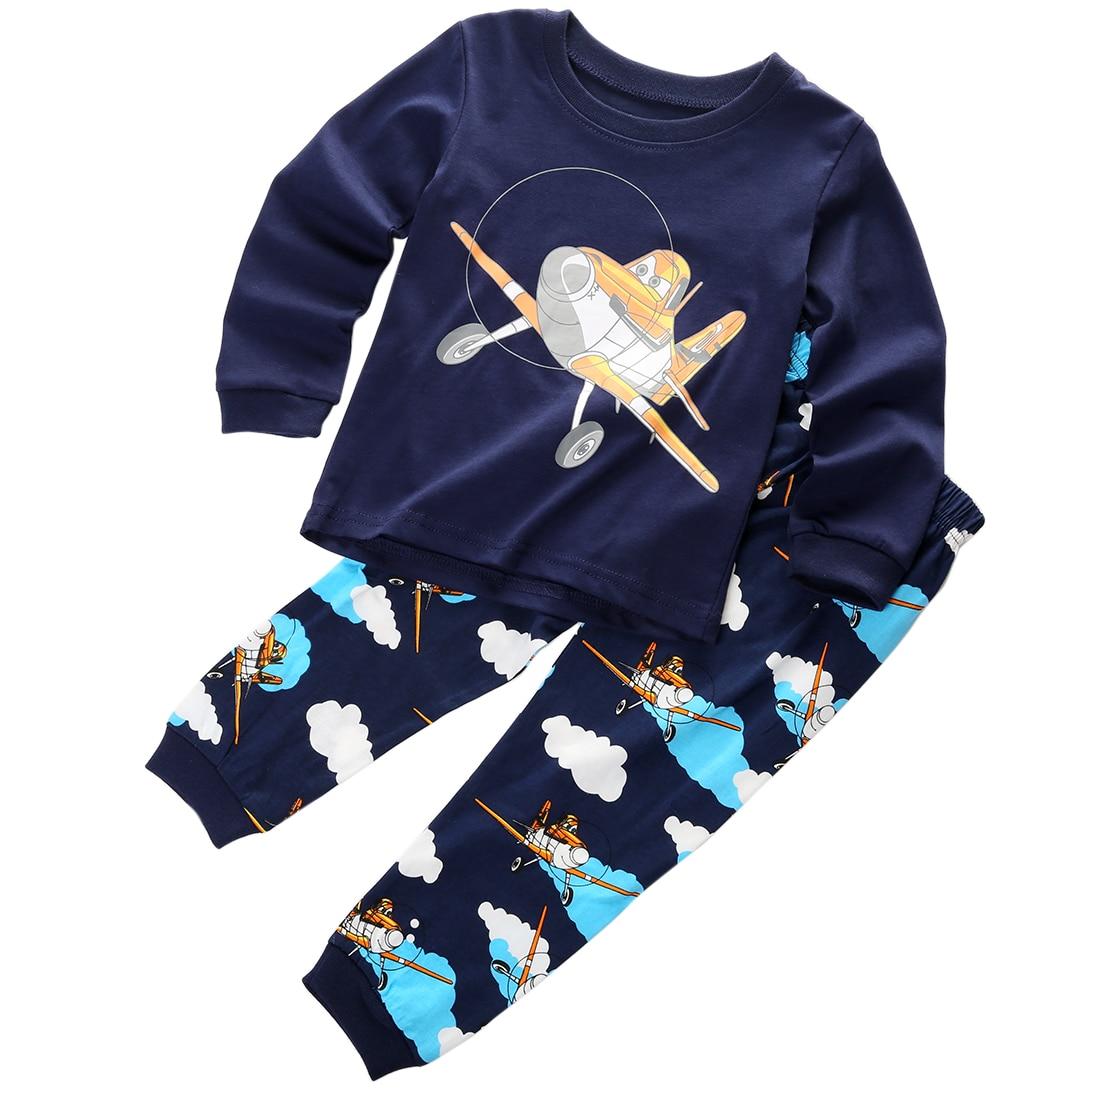 New Baby Toddler Boy Kid Pajamas Shirt  Pant Set Sleepwear Pjs Pyjama Size 2T-7 costume pajamas for children kids pjs boys nightwear toddler baby boy sleepwear pj costume hulk pajamas elsa 1t 2t 3t new year